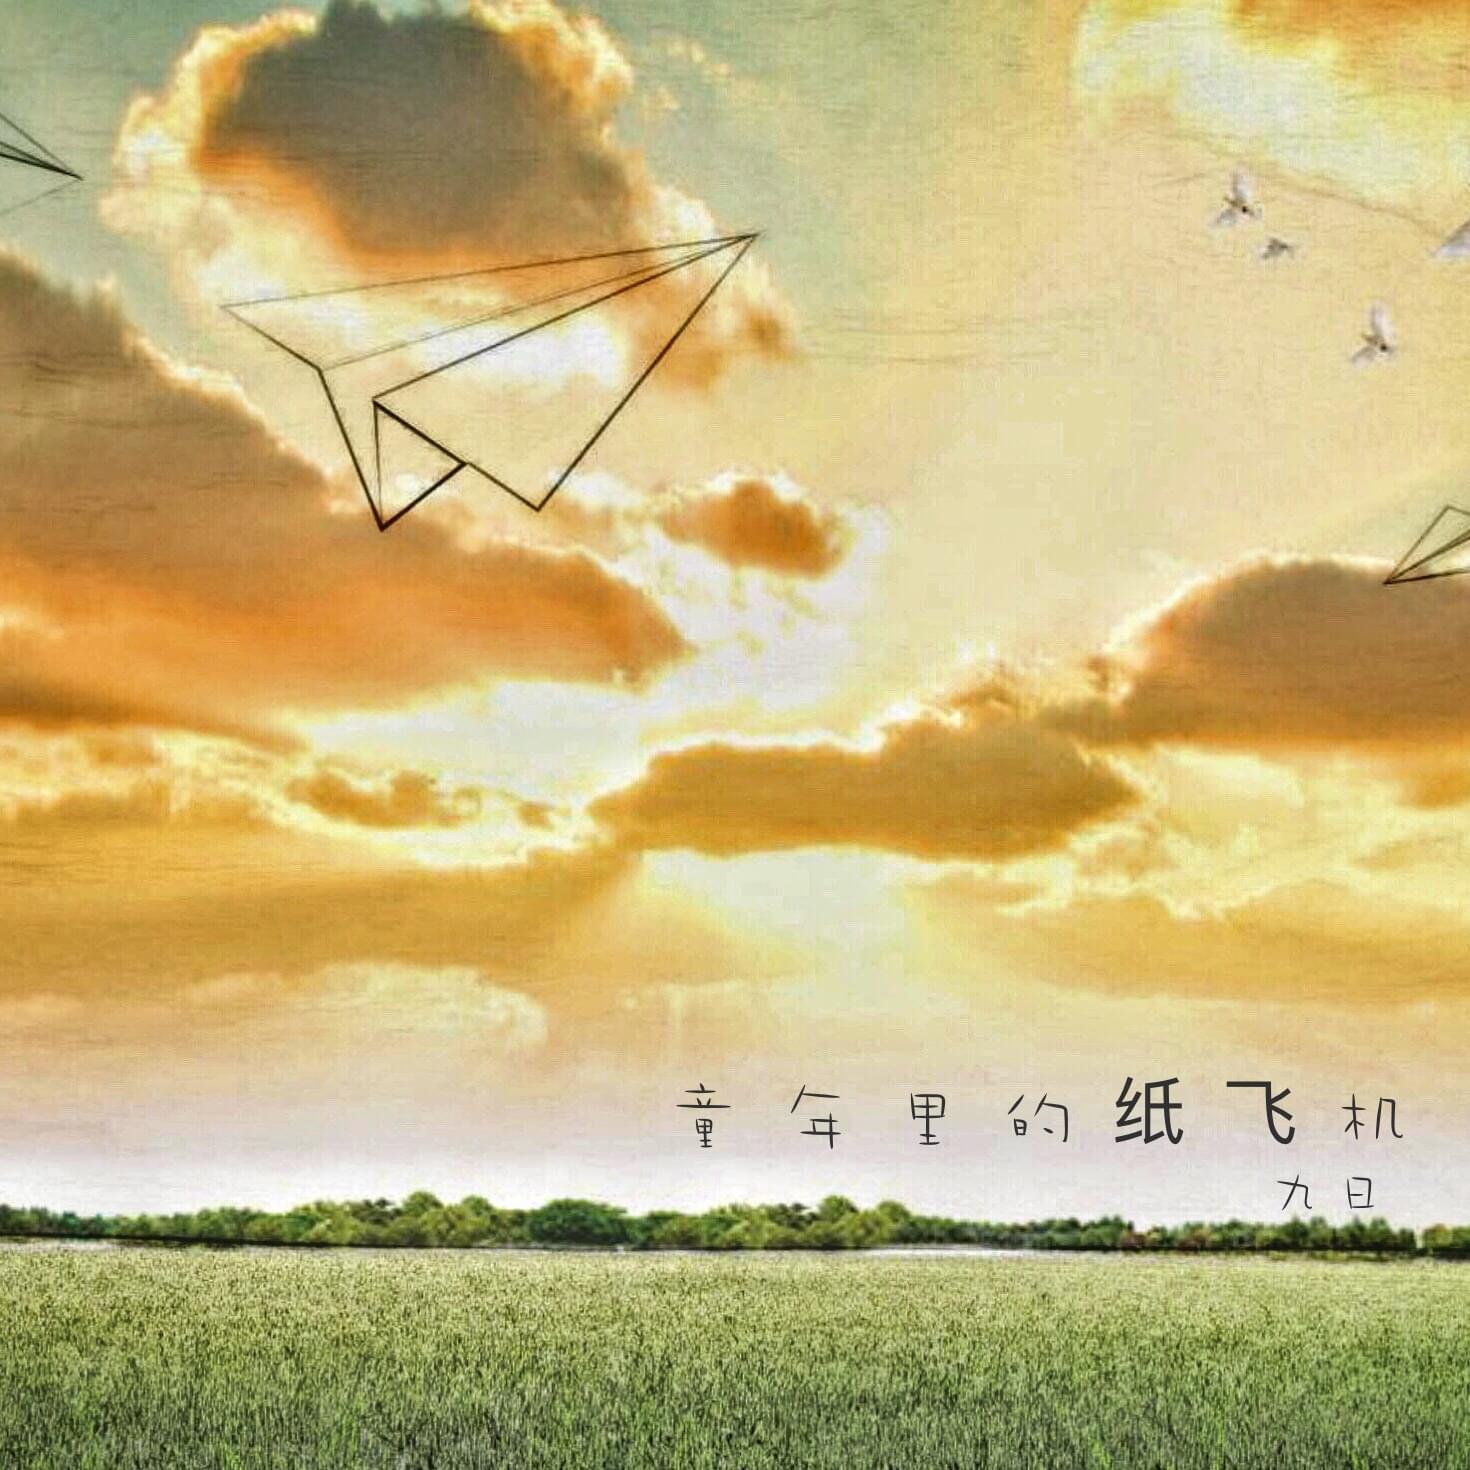 九日新歌《童年里的纸飞机》 继续孤独追忆